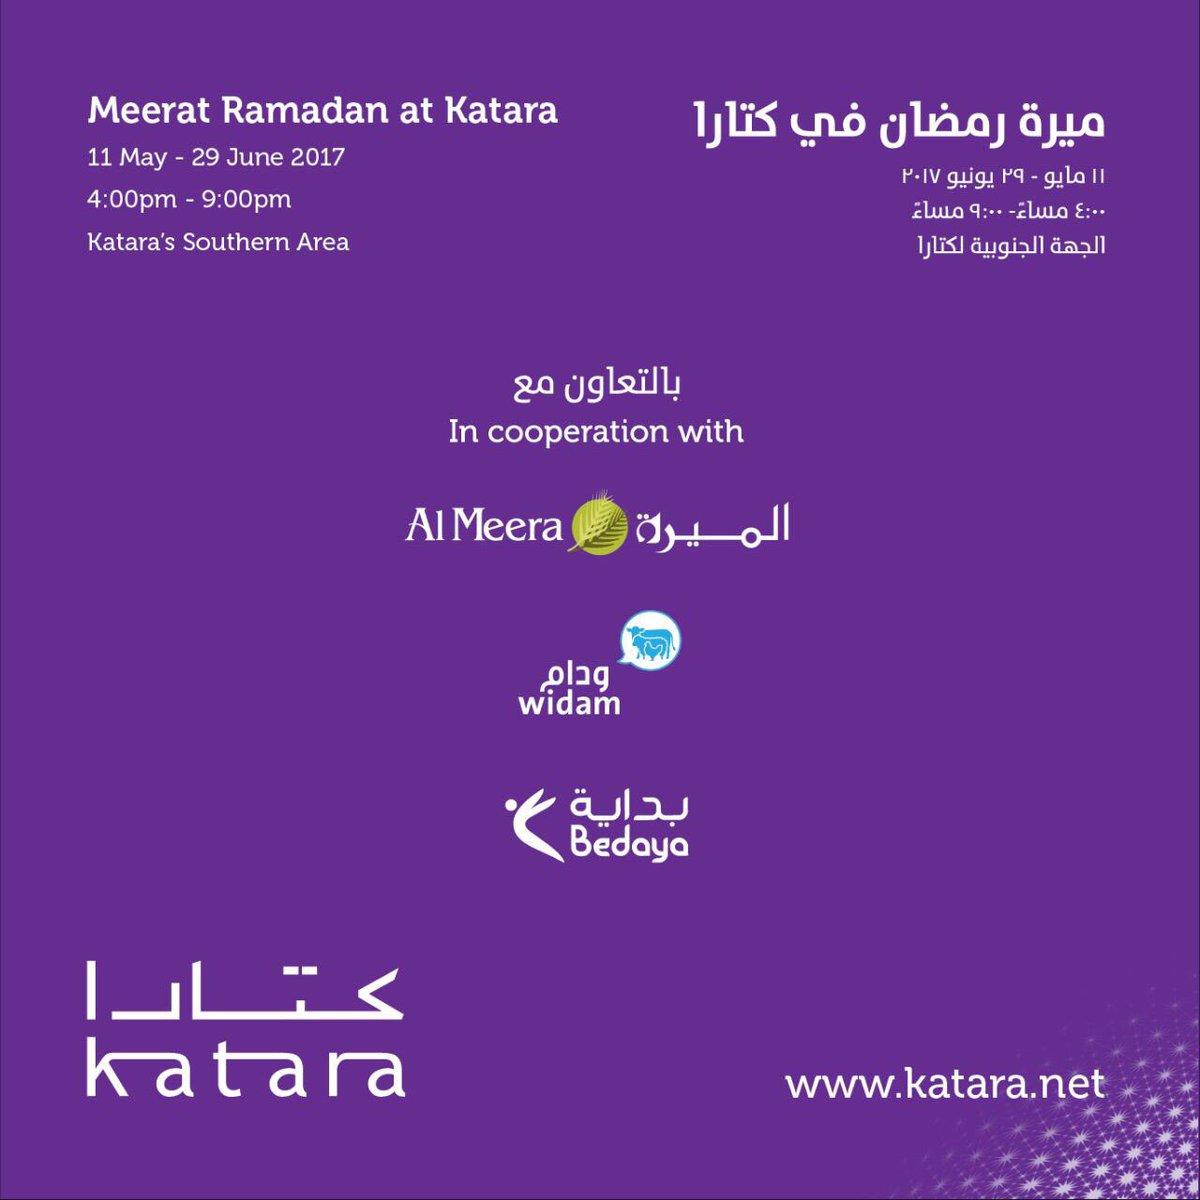 Meerat-Ramadan.jpg